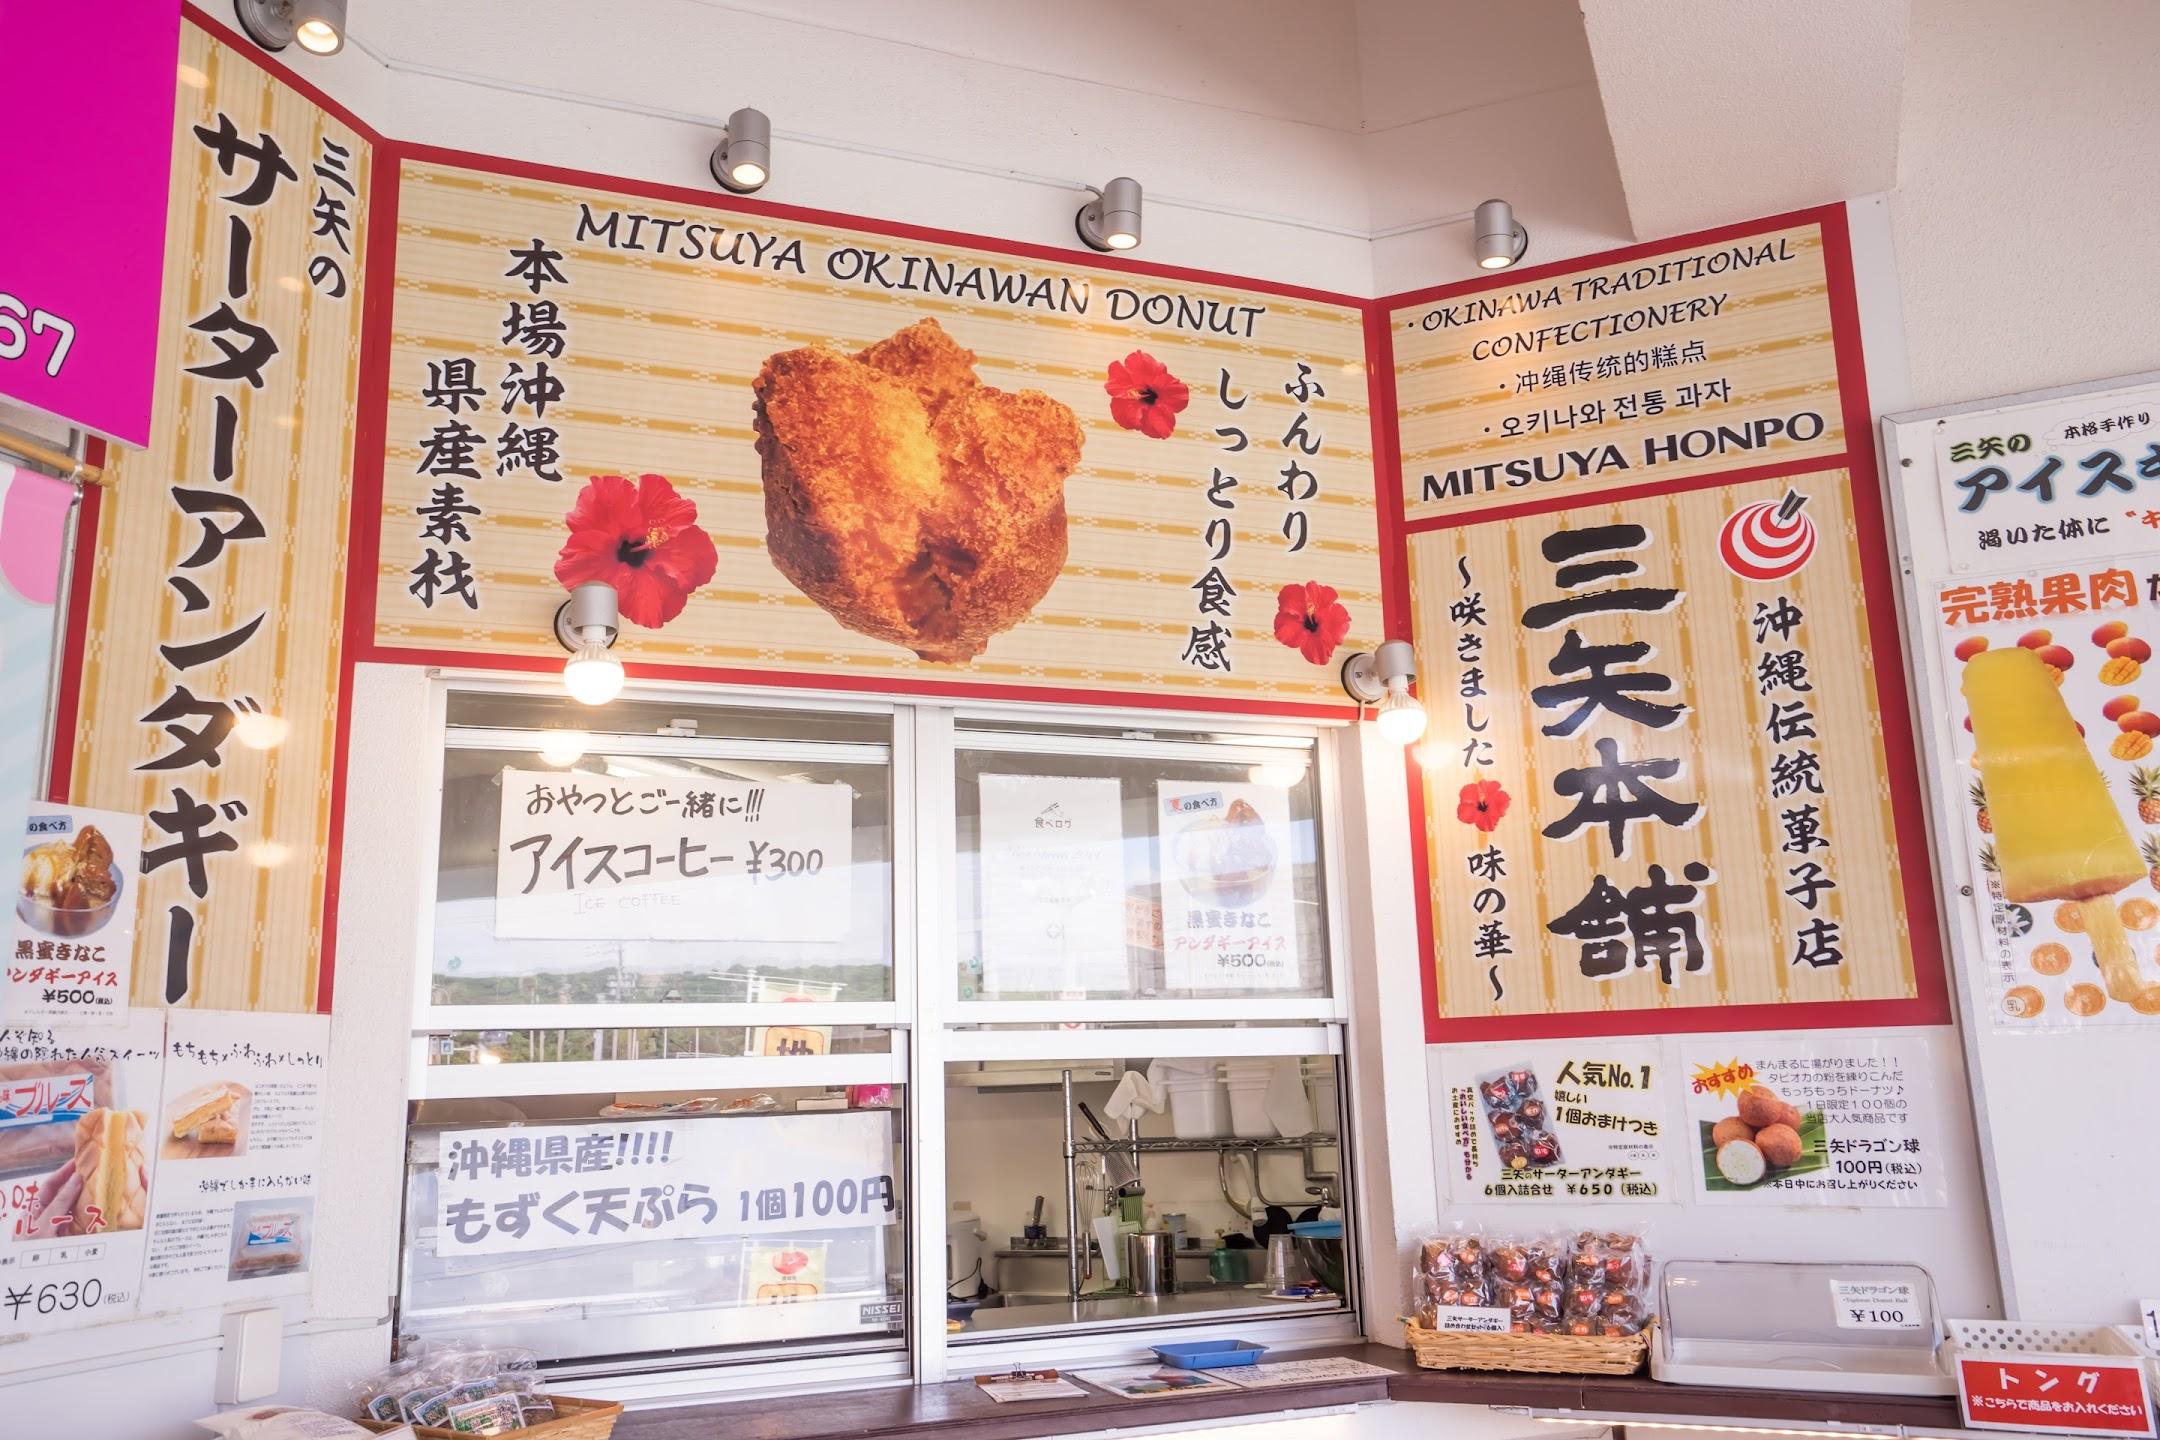 沖縄 三矢本舗 サーターアンダギー1